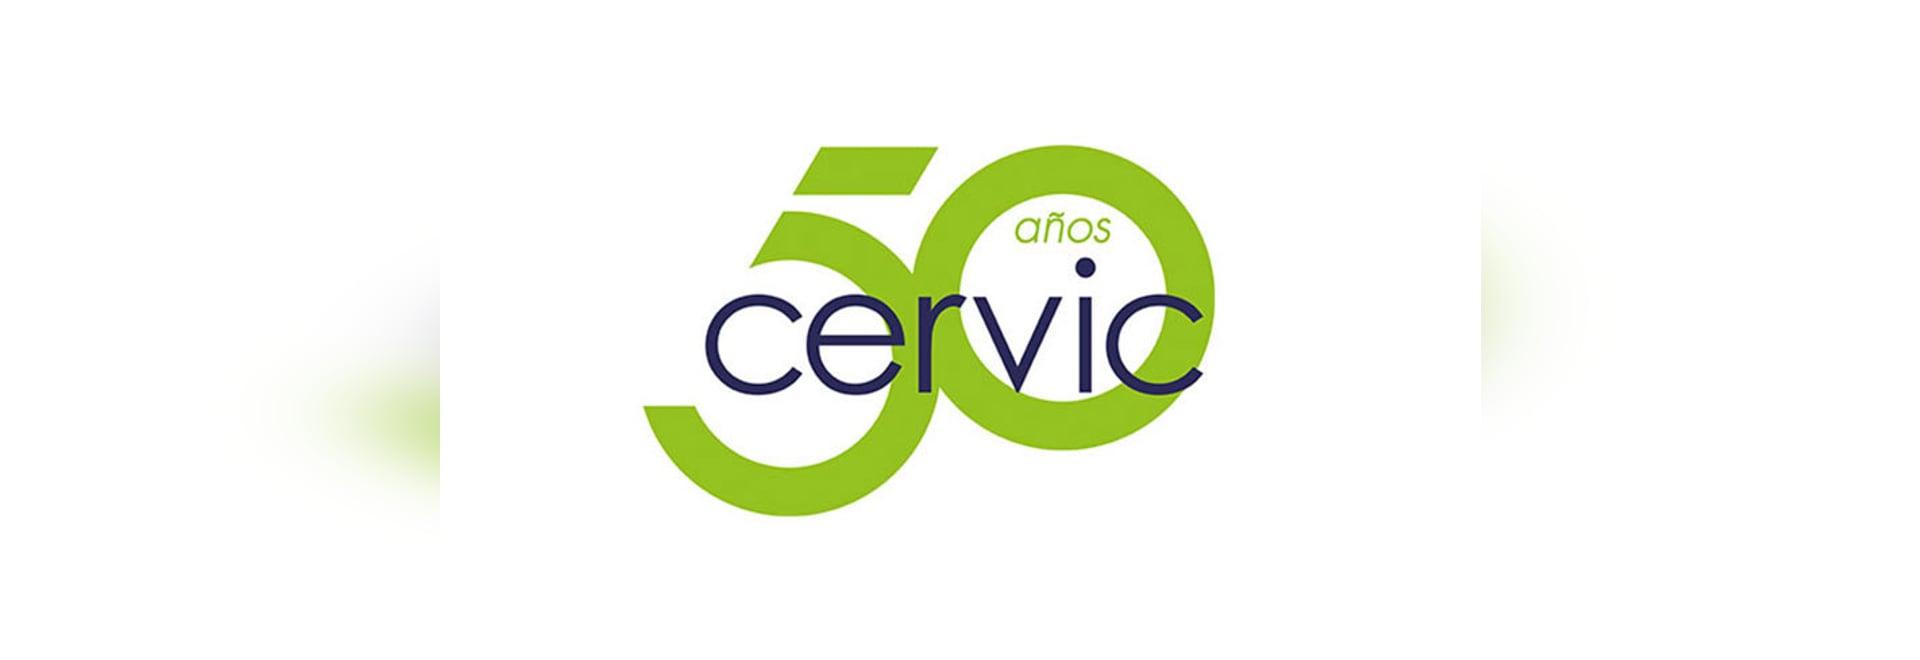 Cervic festeggia il suo 50° anniversario